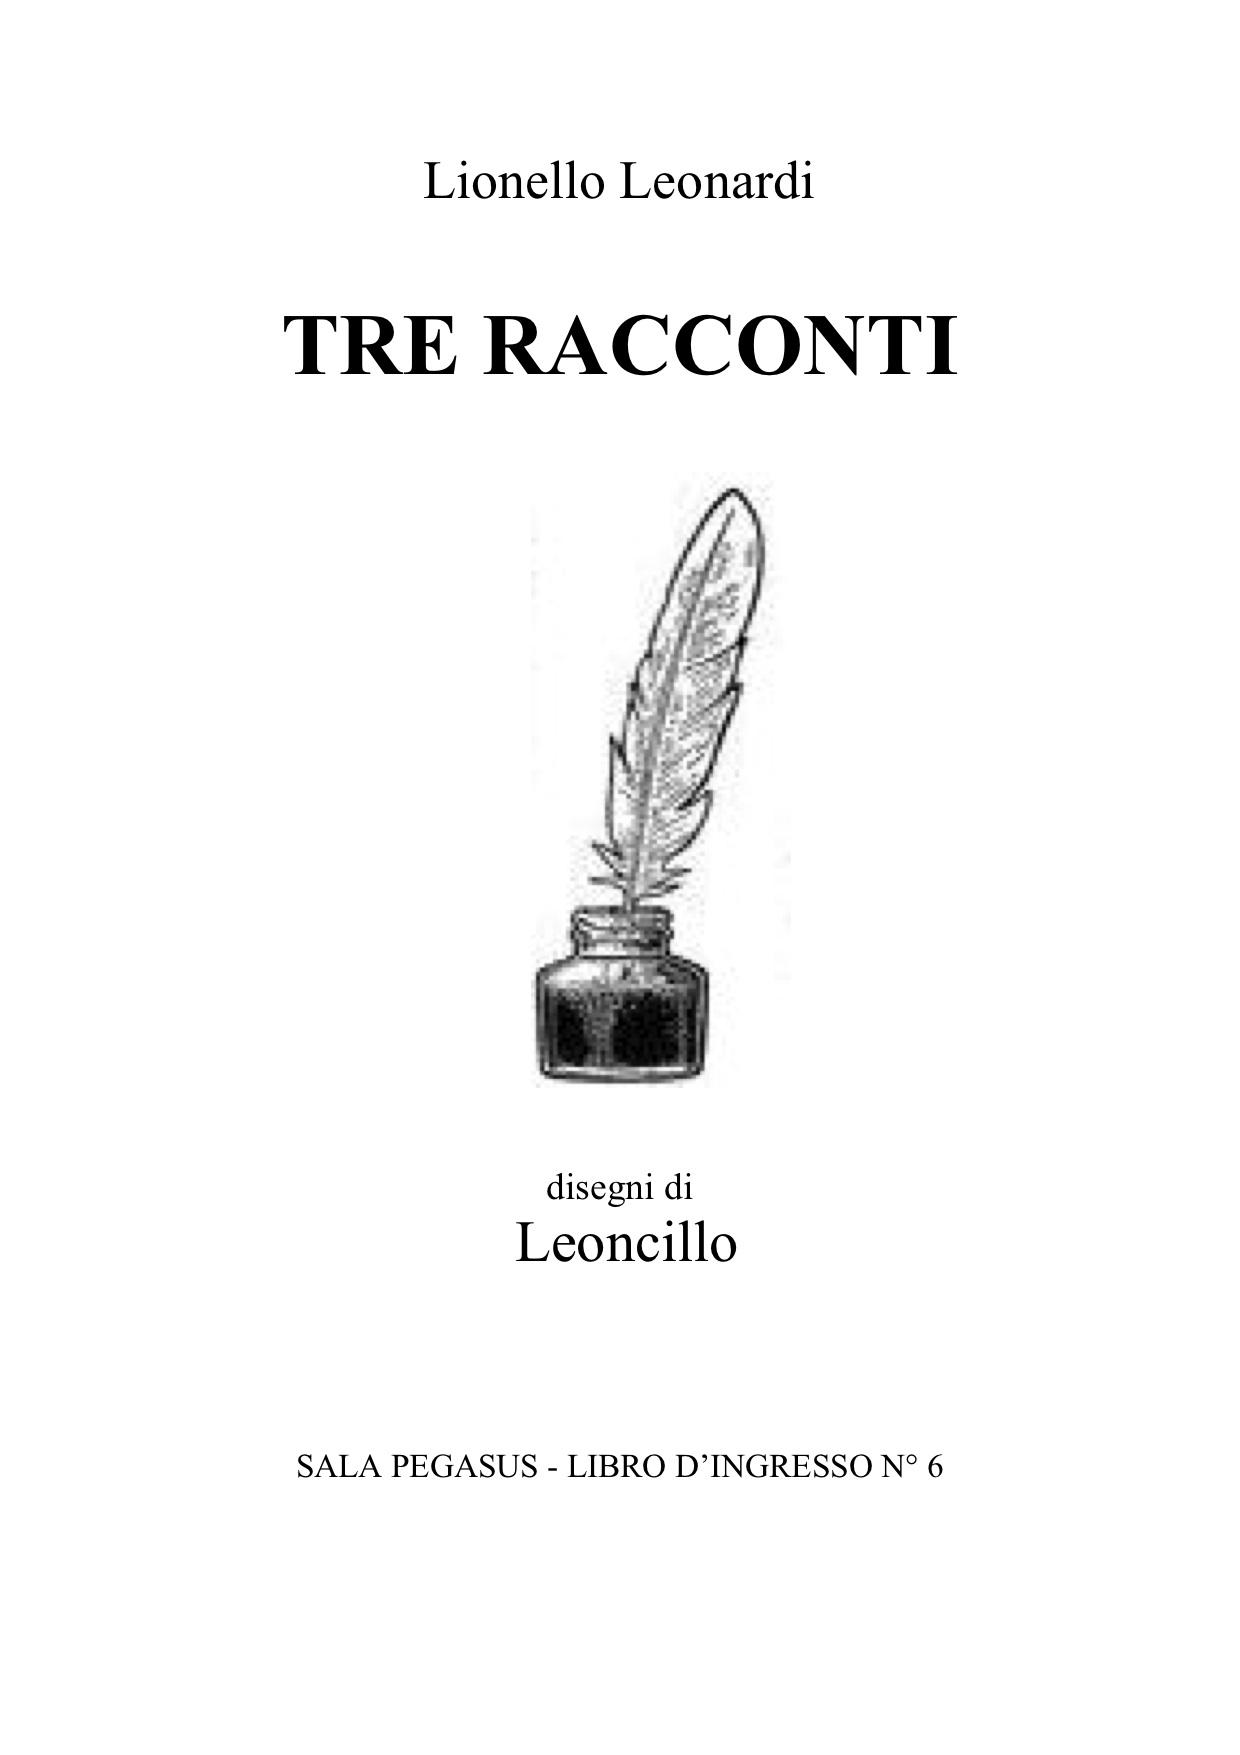 Tre racconti – Lionello Leonardi